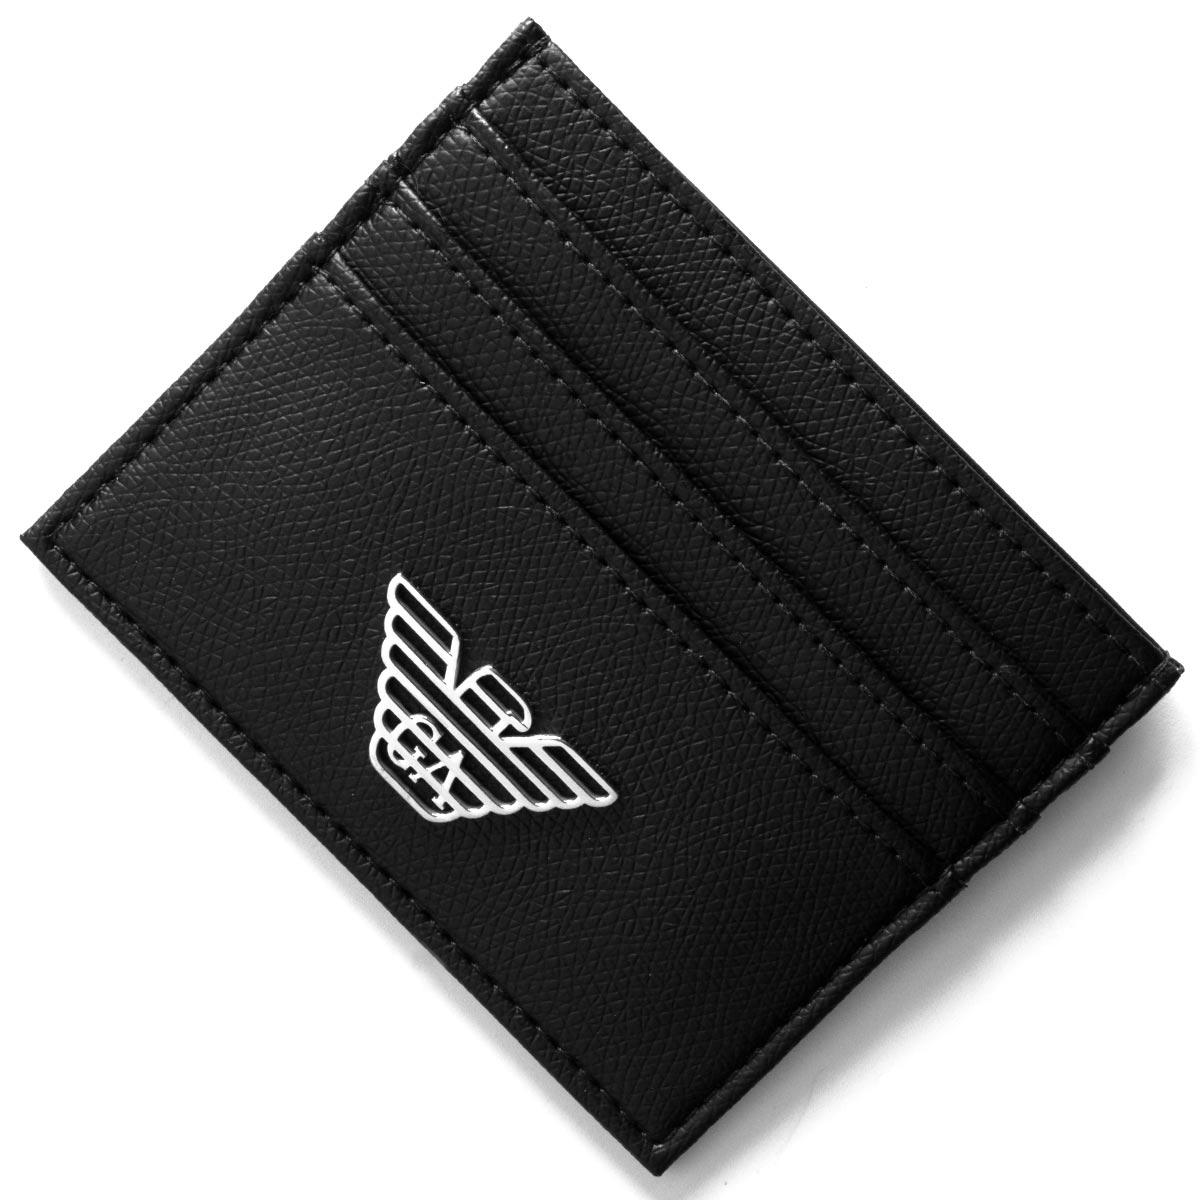 エンポリオアルマーニ クレジットカードケース メンズ イーグルマーク ブラック Y4R173 YLA0E 81072 EMPORIO ARMANI